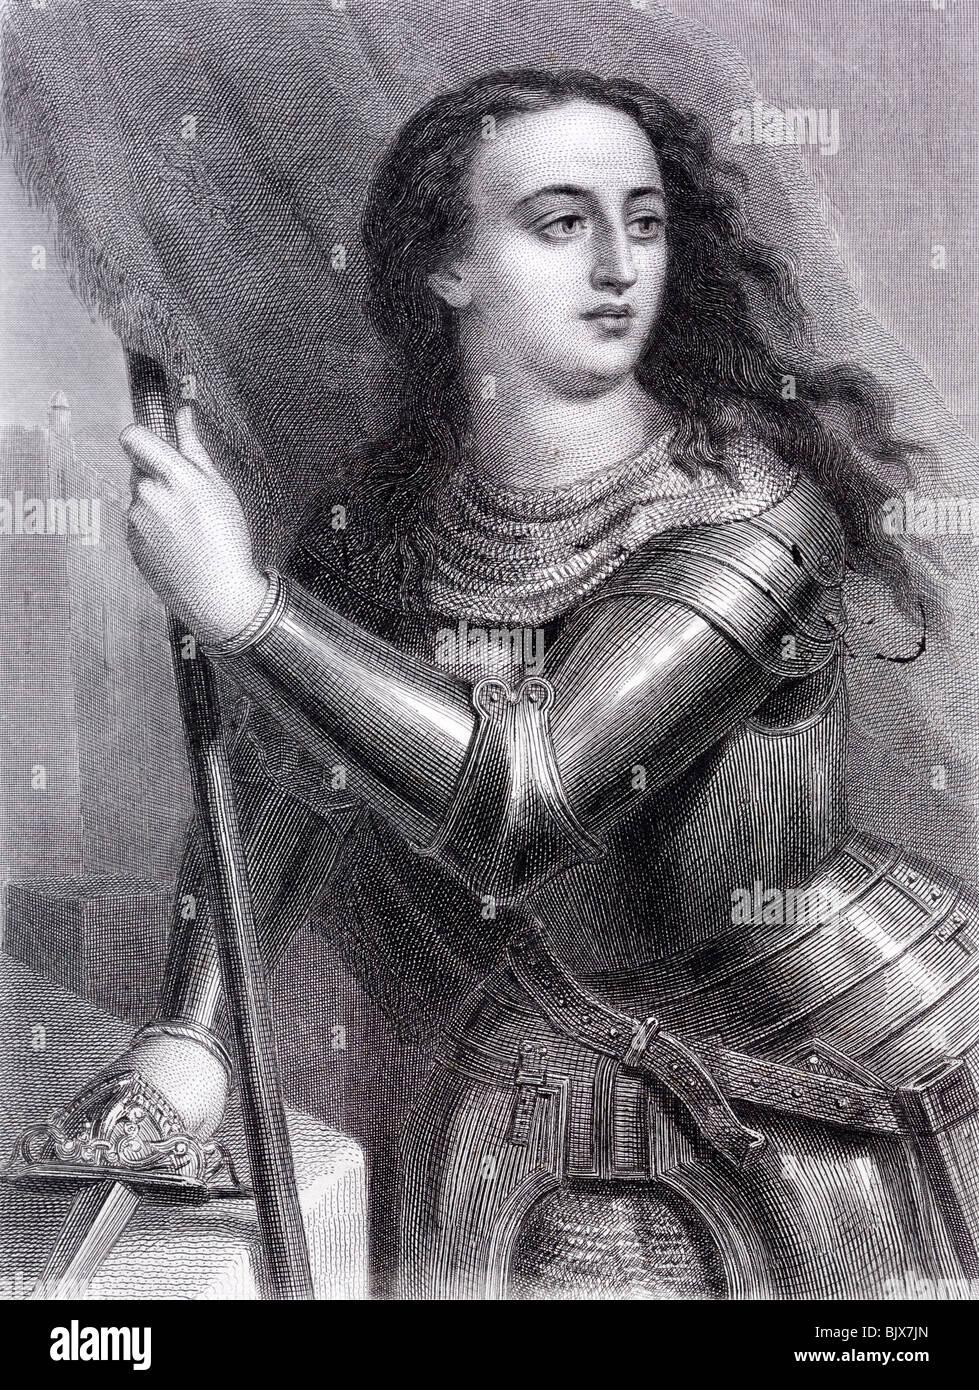 Santa Giovanna d'arco o la cameriera di Orléans l'eroina nazionale della Francia e una santa cattolica Immagini Stock